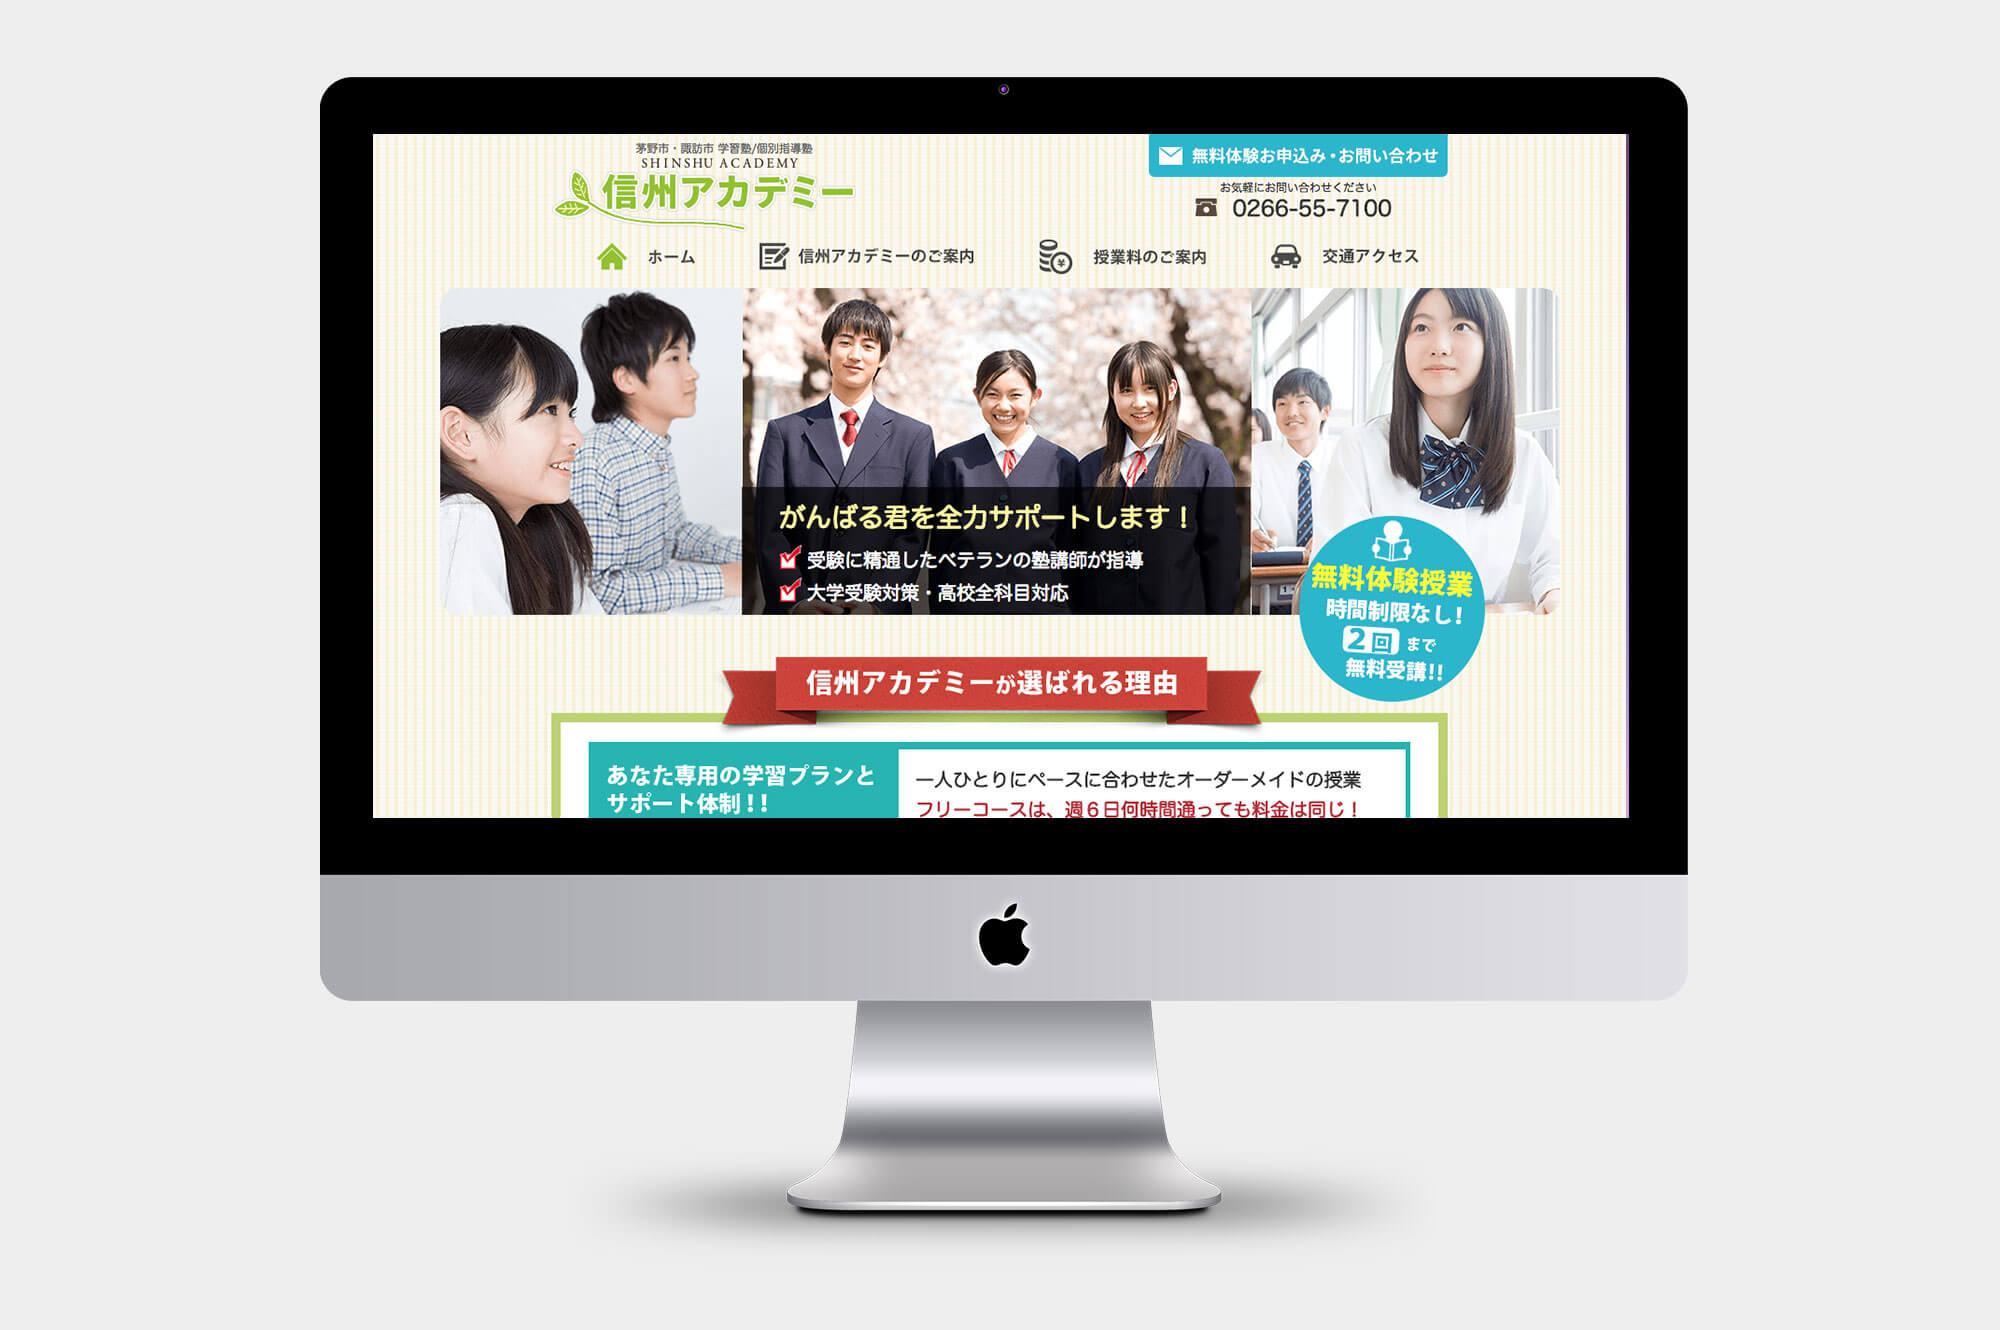 信州アカデミー様ホームページ